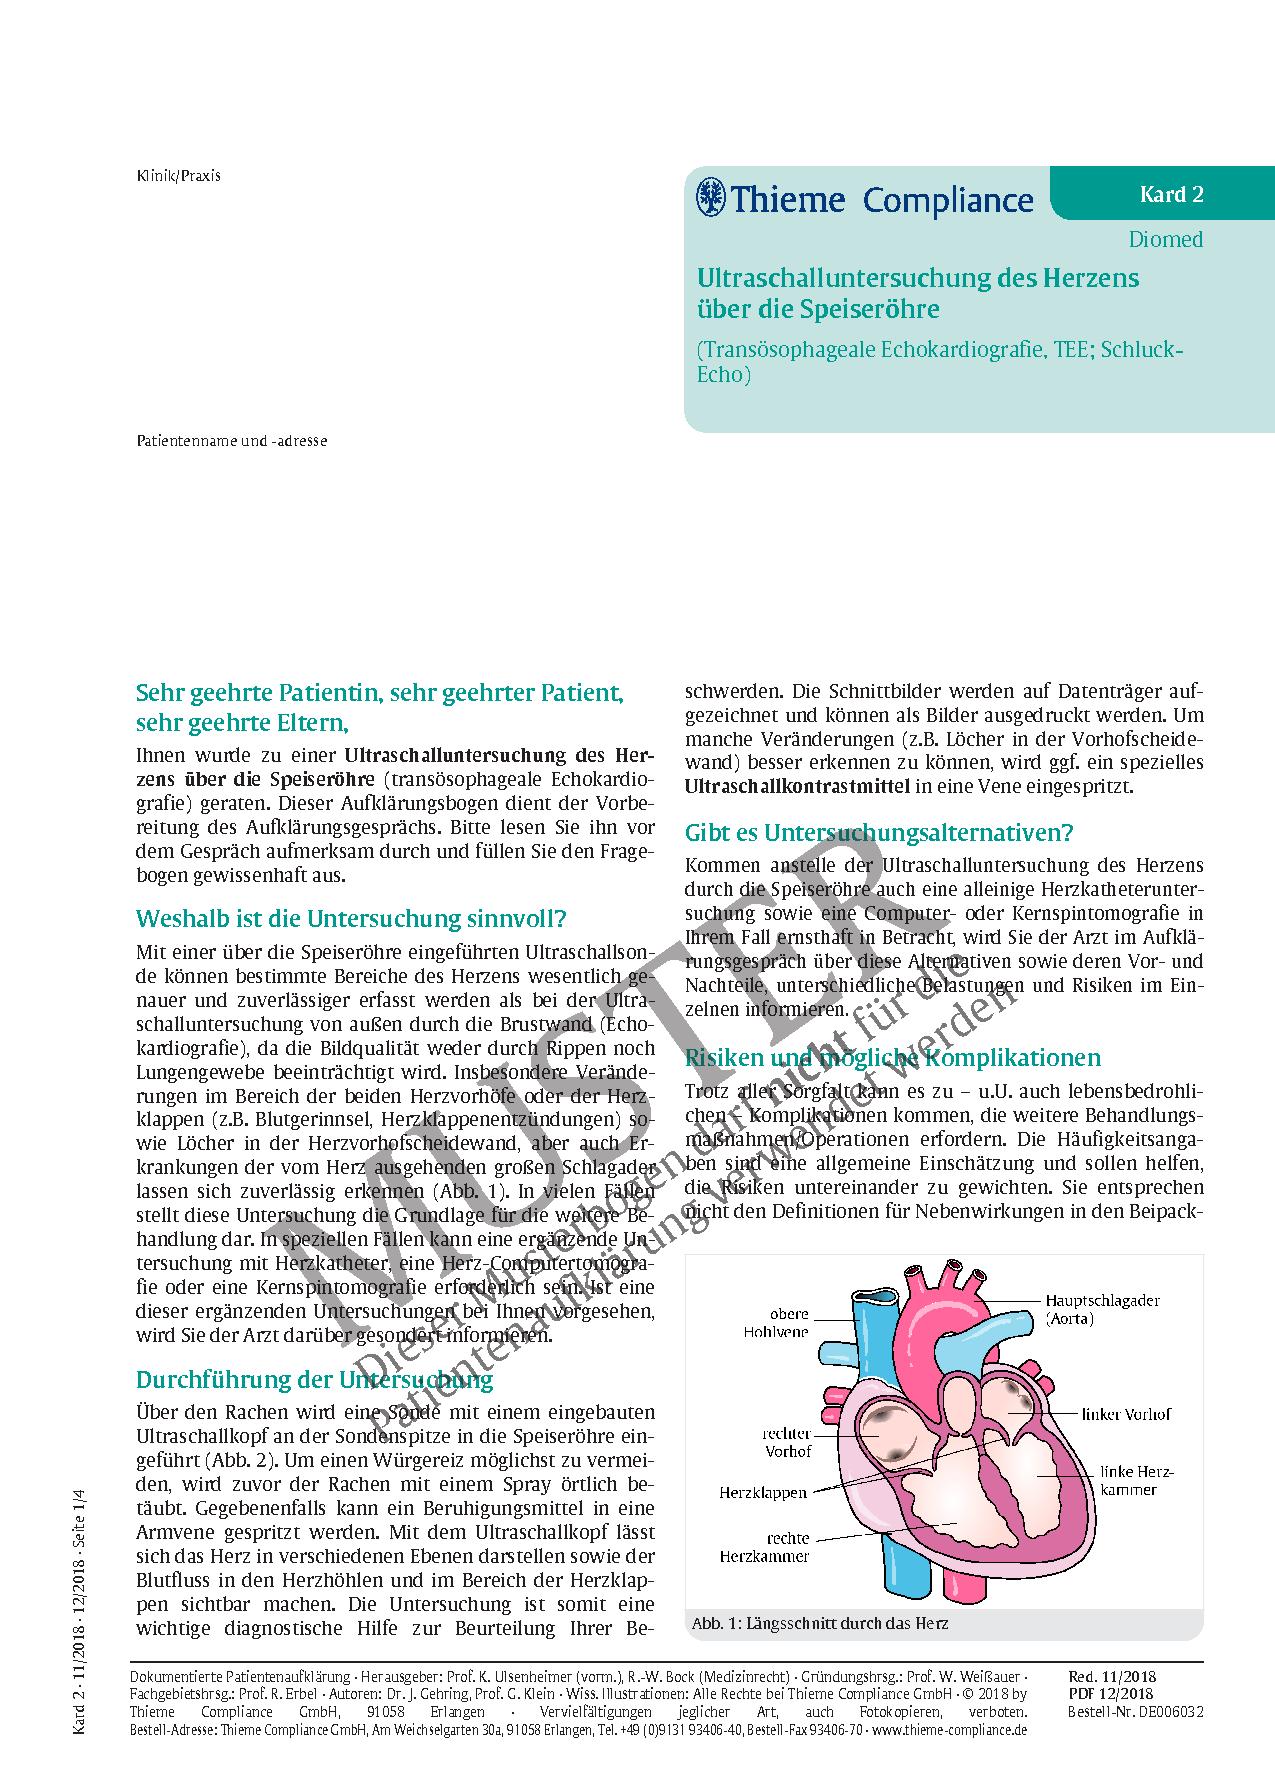 Beste Bild Des Blutflusses Durch Das Herz Galerie - Menschliche ...